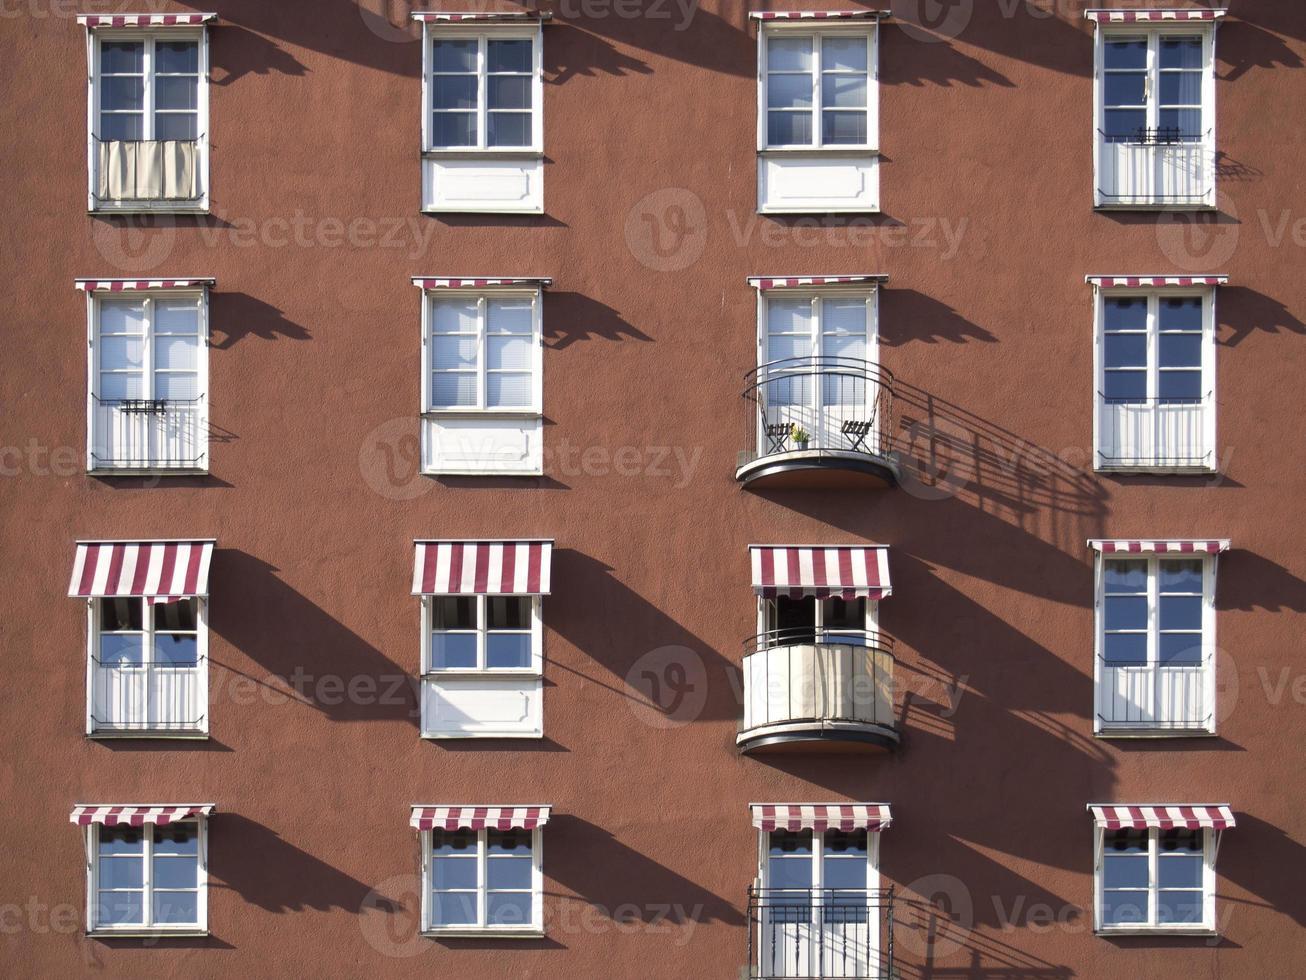 Fenster und Balkone foto